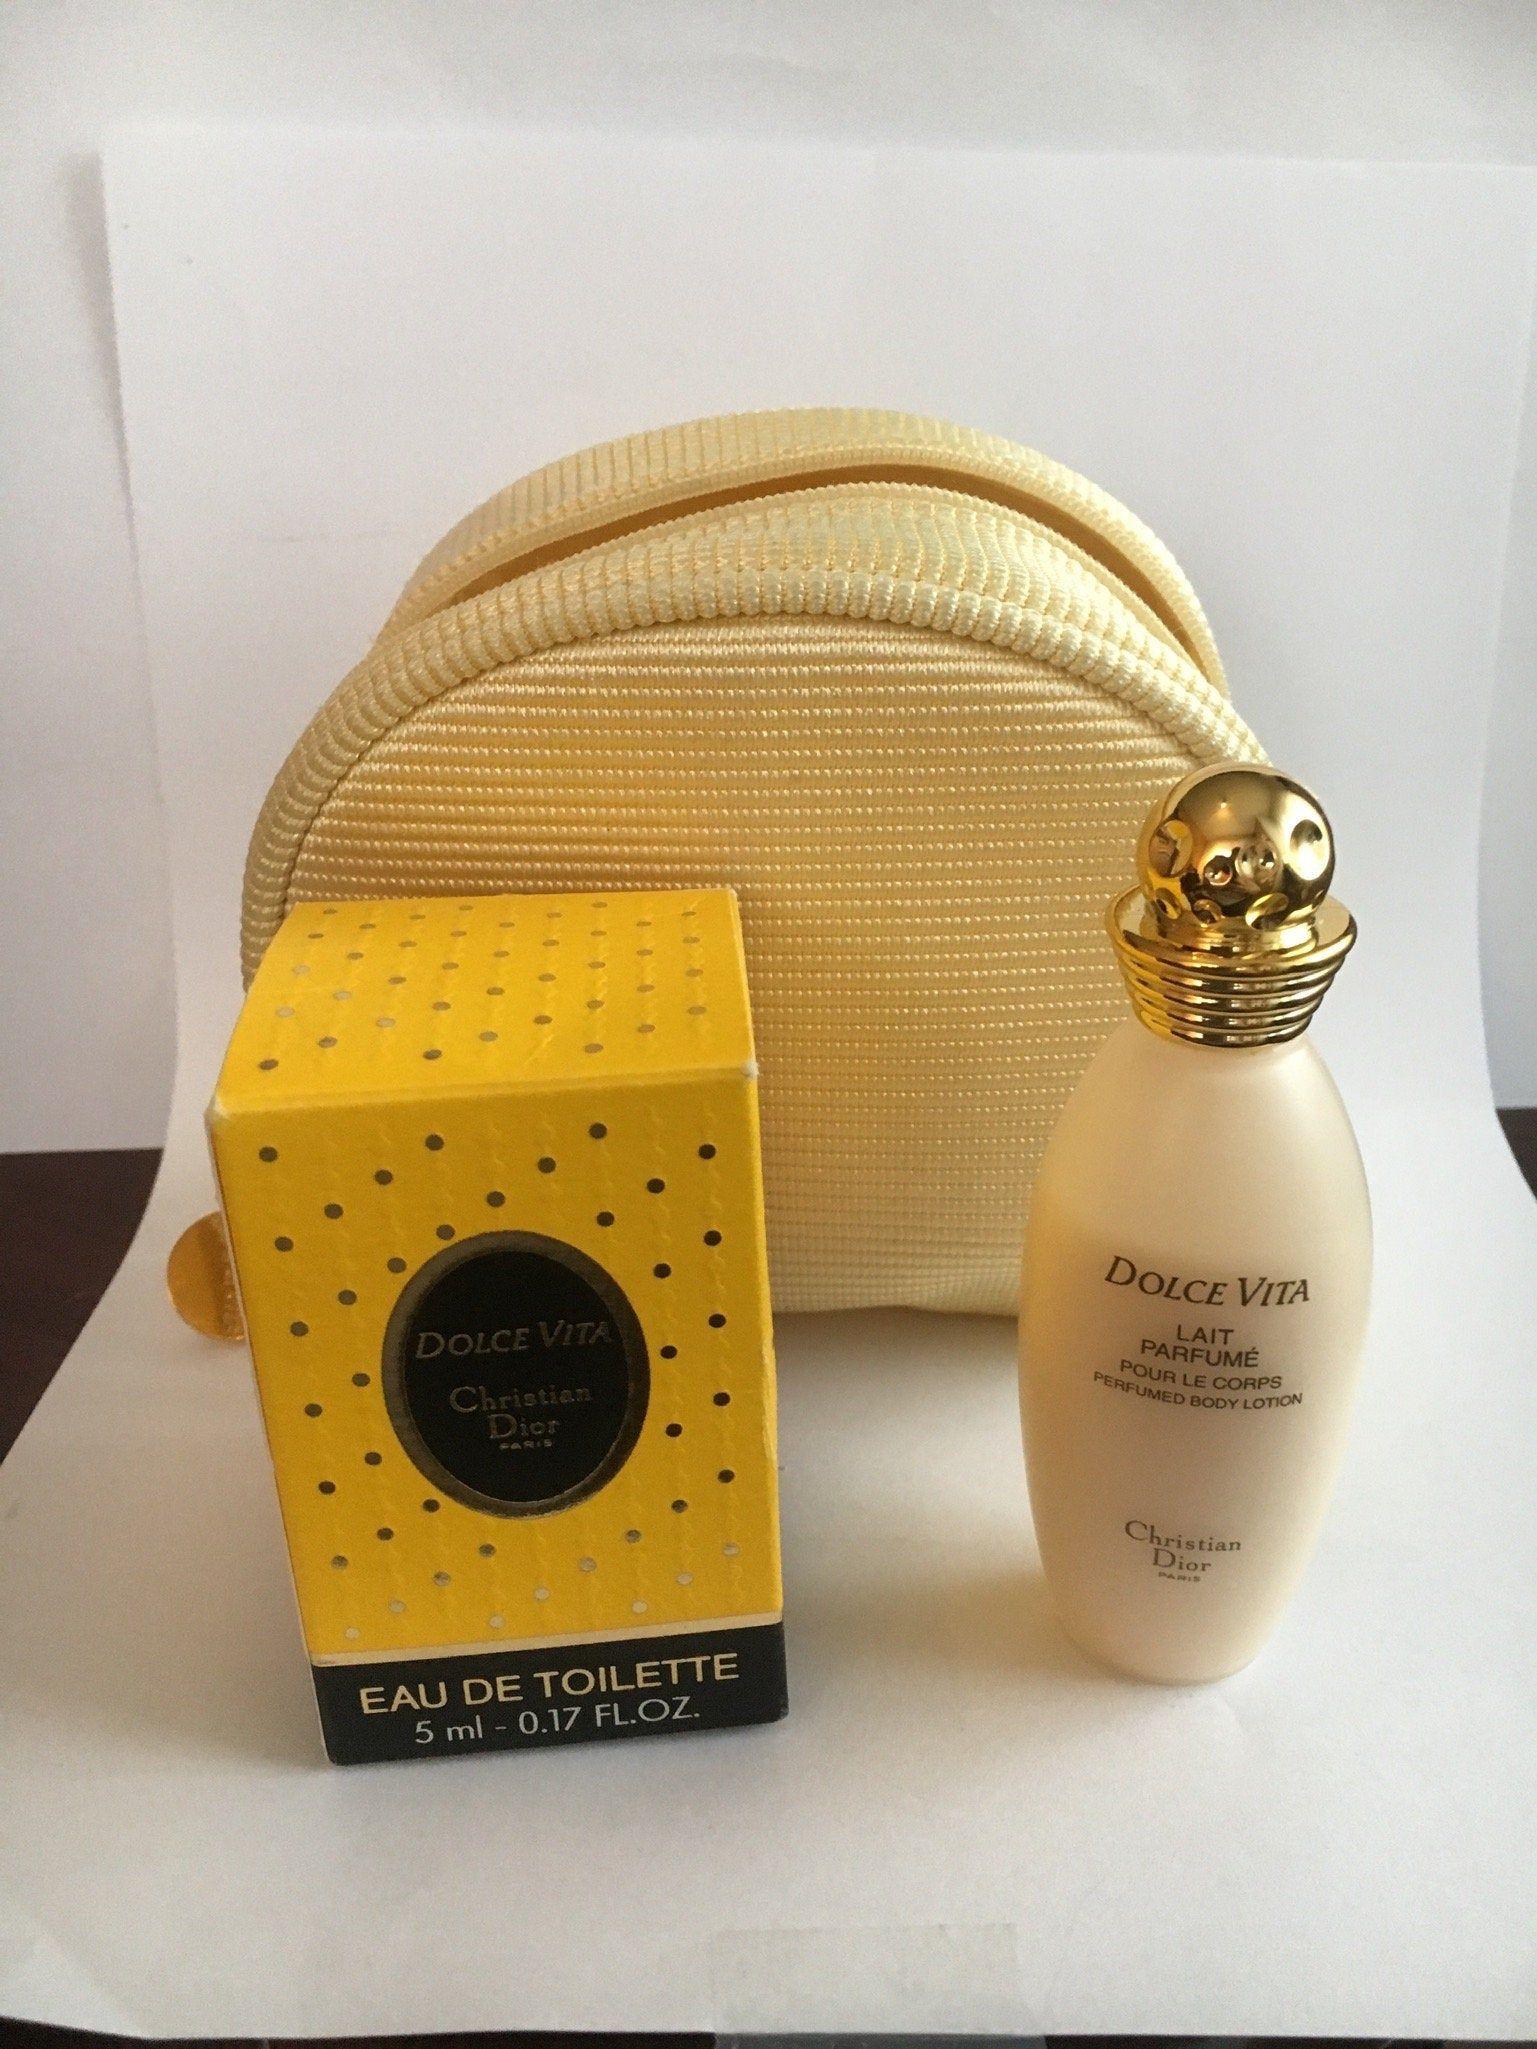 Dior - Dolce Vita - Trousse Coffret | Parfum Dior, Dior Et encequiconcerne Trousse De Toilette Dior